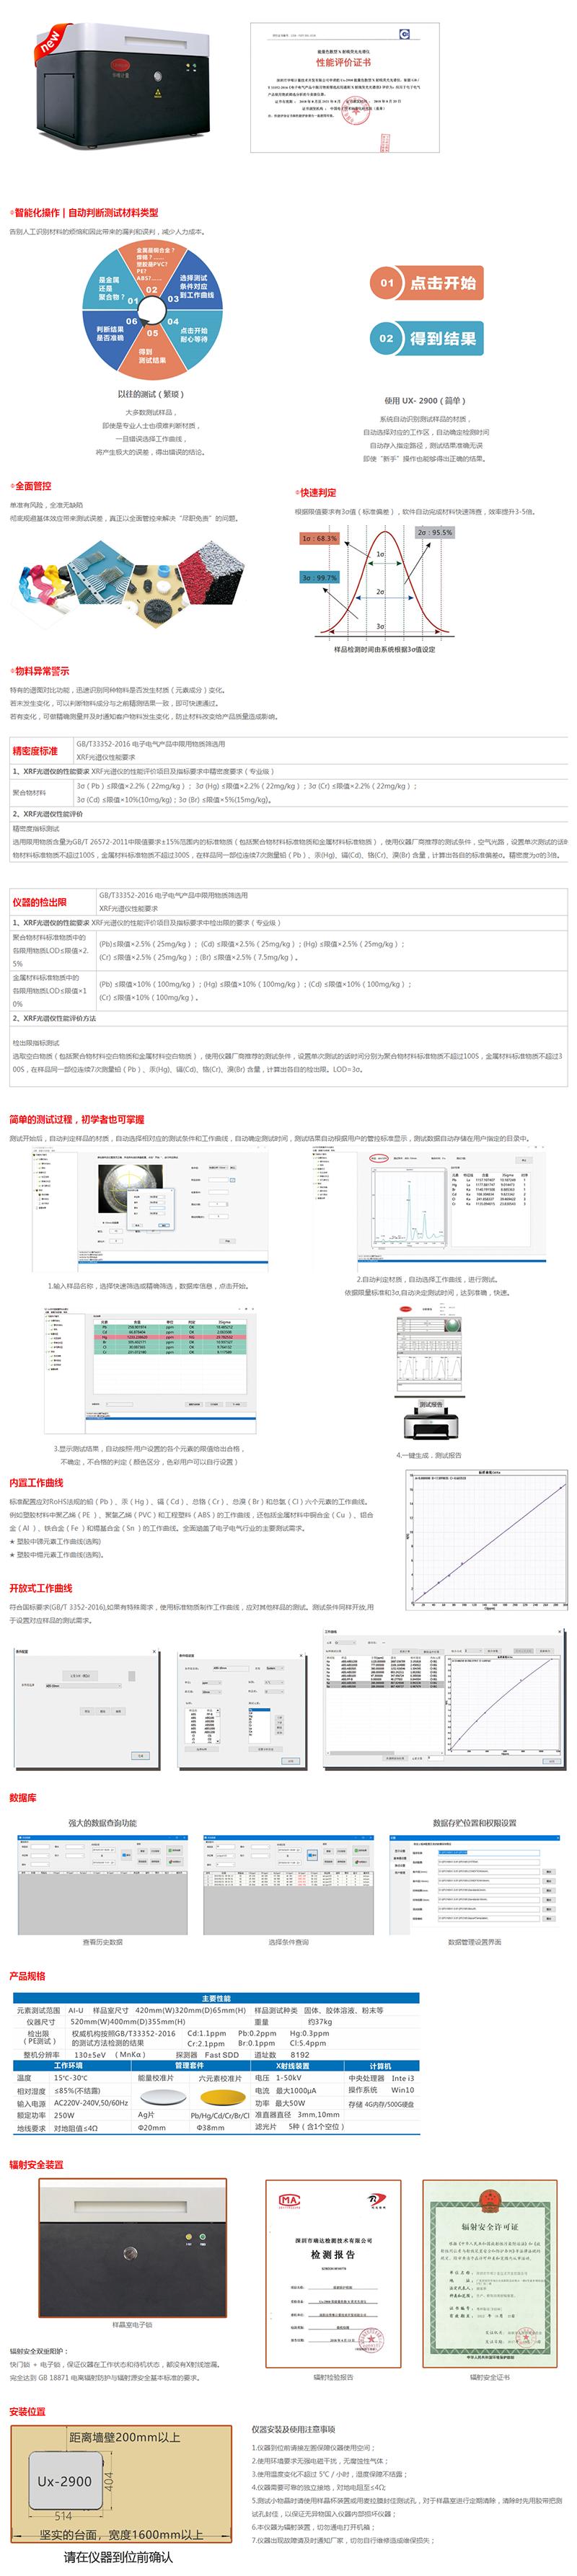 Ux-2900能量色散型X射线荧光分析仪(专业级)